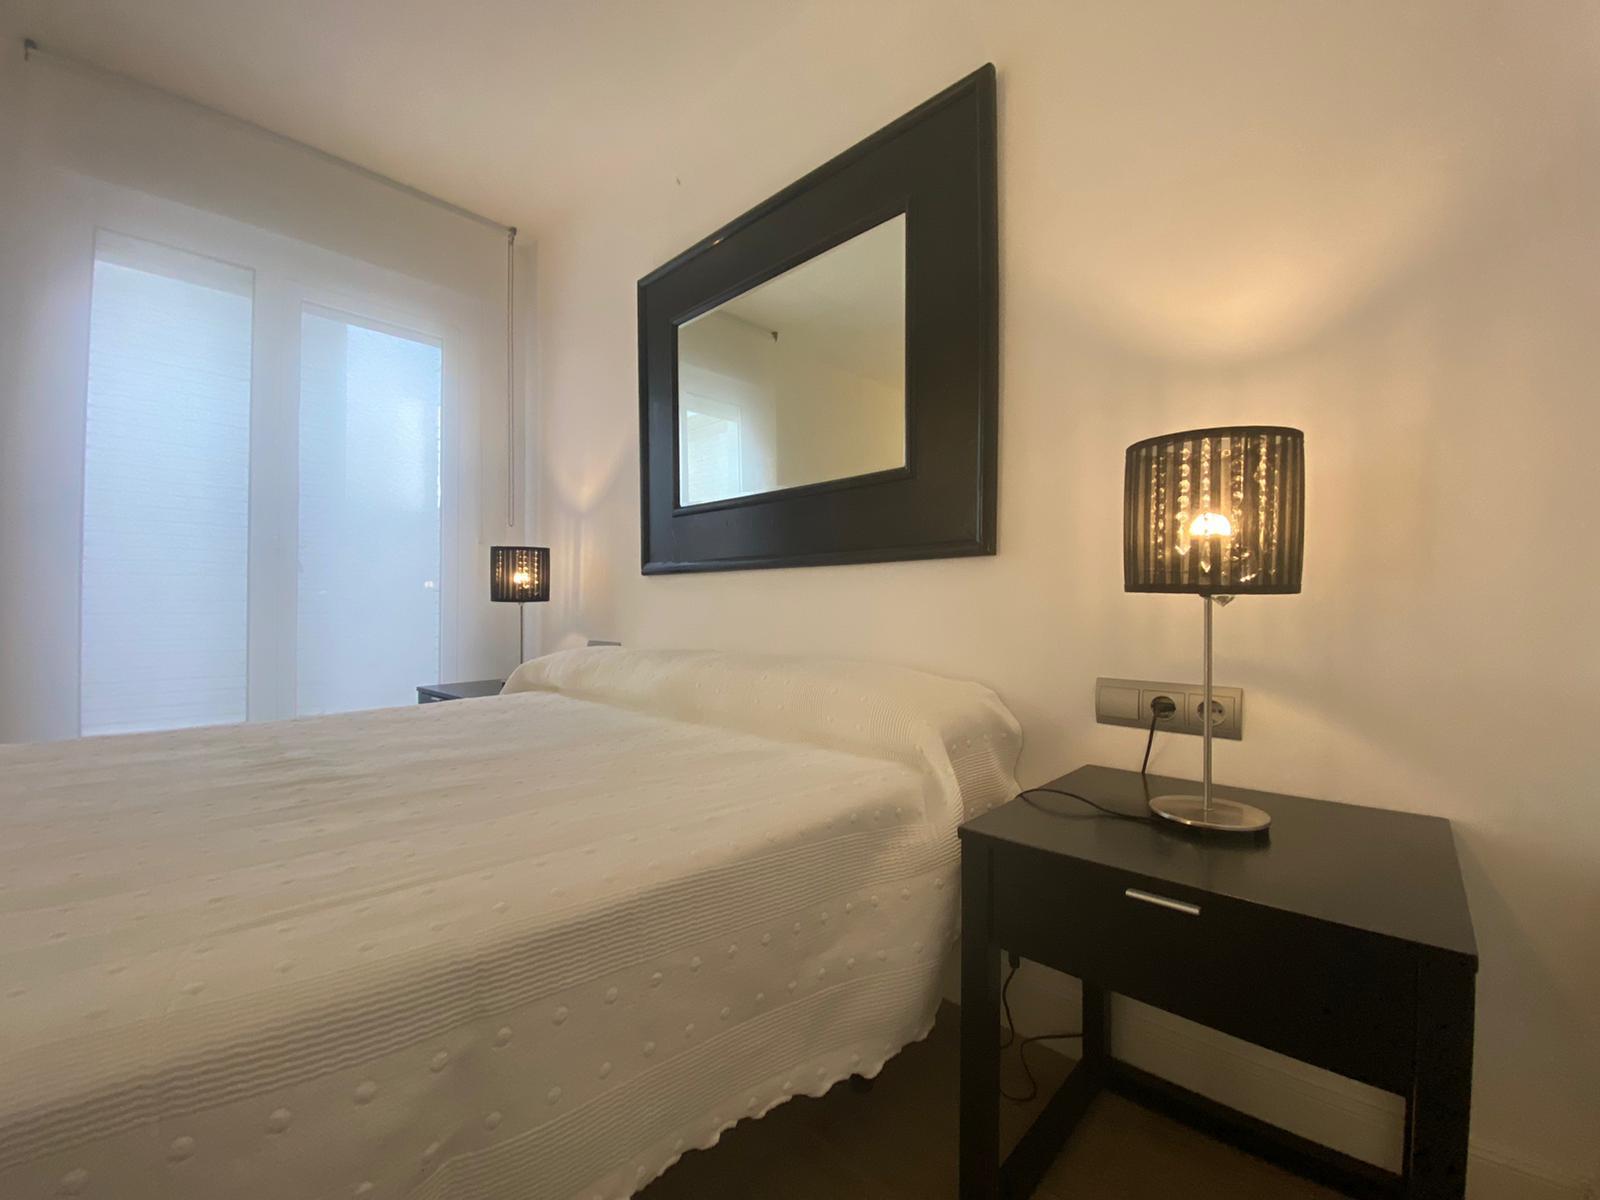 Imagen 10 del Apartamento Turístico, Ático 1 Levante (3d+2b), Punta del Moral (HUELVA), Paseo de la Cruz nº22